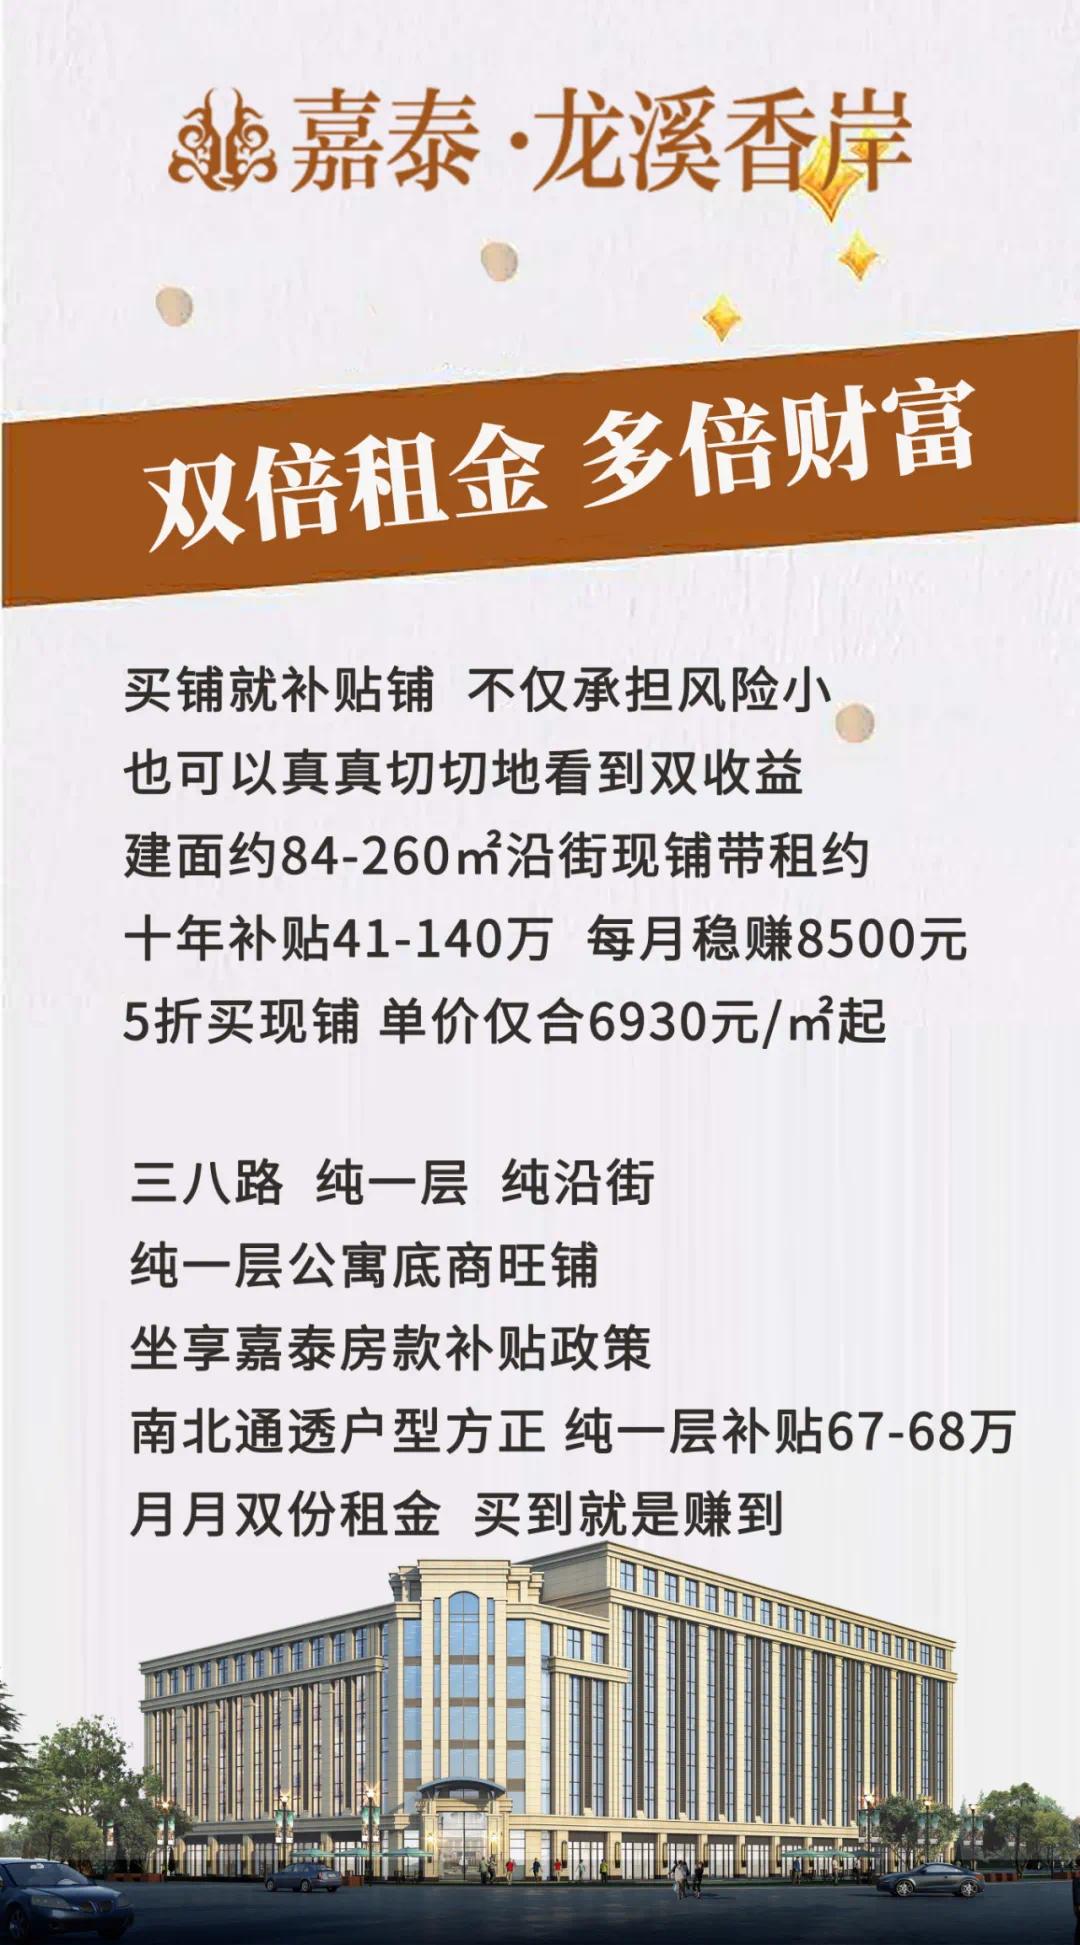 龙溪香岸买铺补贴40-68万送汽车!仅3台抢到赚到